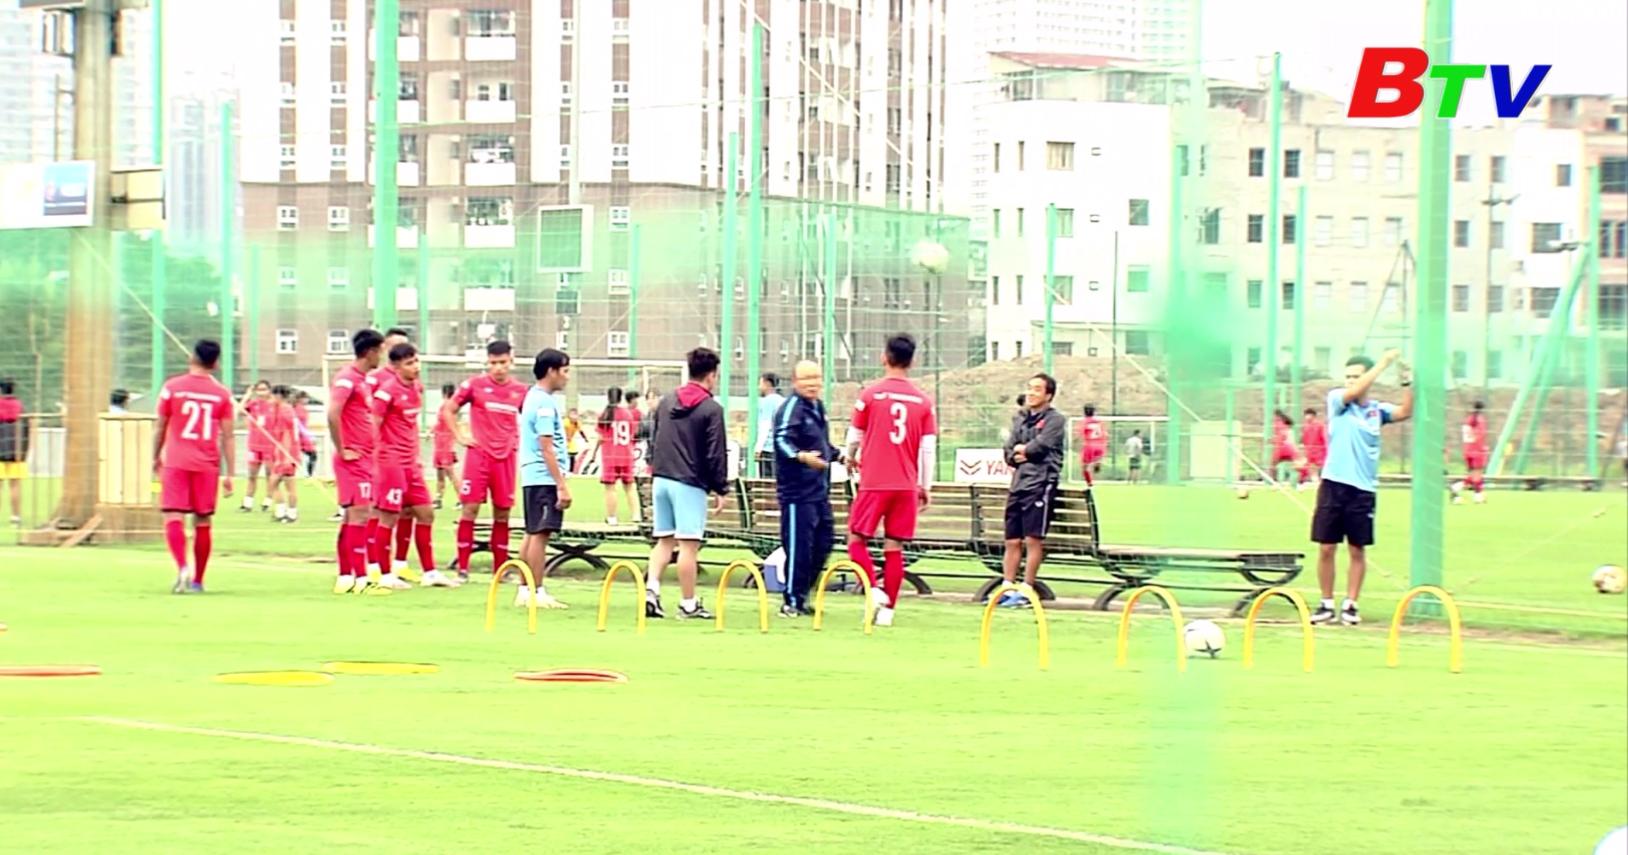 Lịch thi đấu dày đặc của U22 Việt Nam và Đội tuyển Việt Nam trong năm 2021